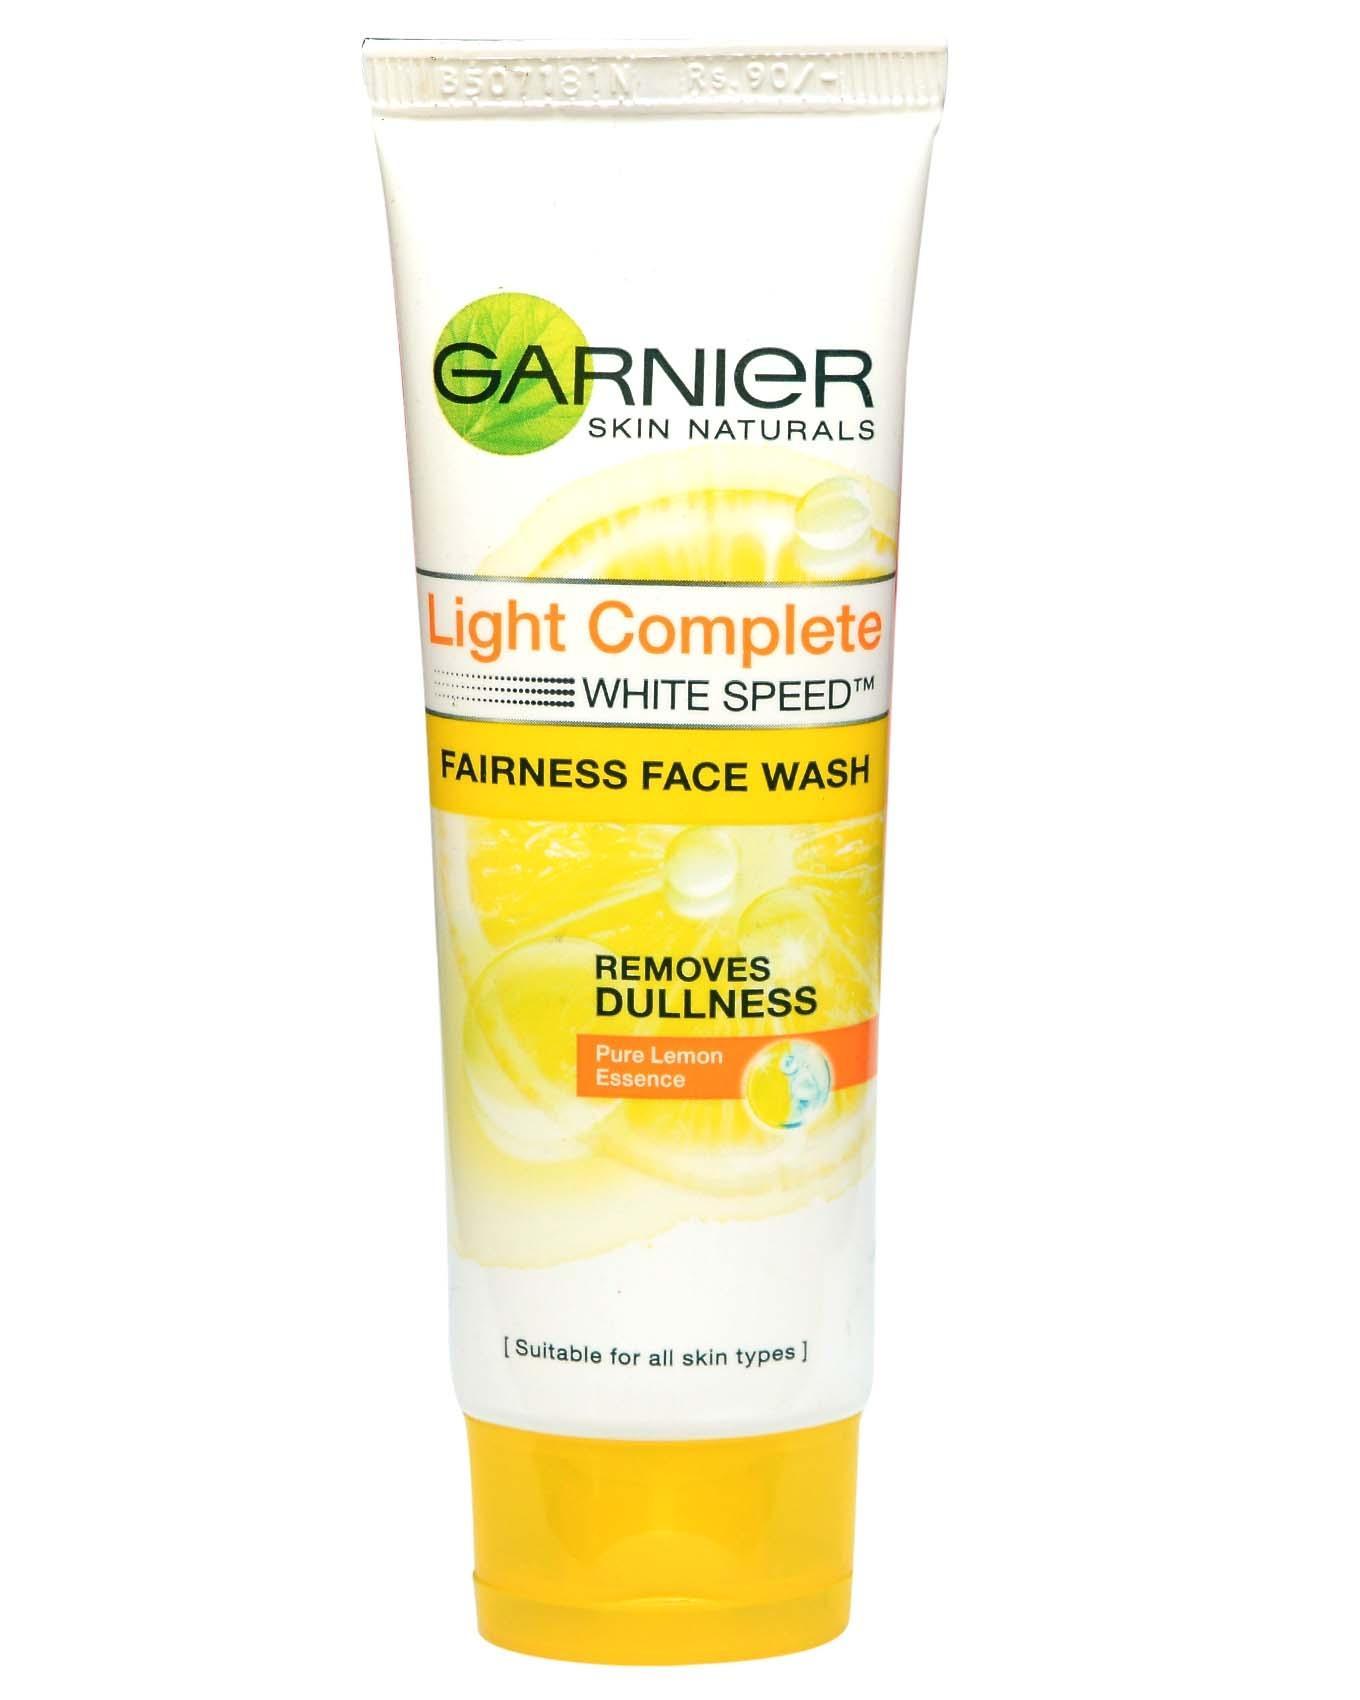 Lion Stargarniergt Buy At Best Price In Garnier Light Complete White Speed Super Foam 10 100ml Face Wash 50g